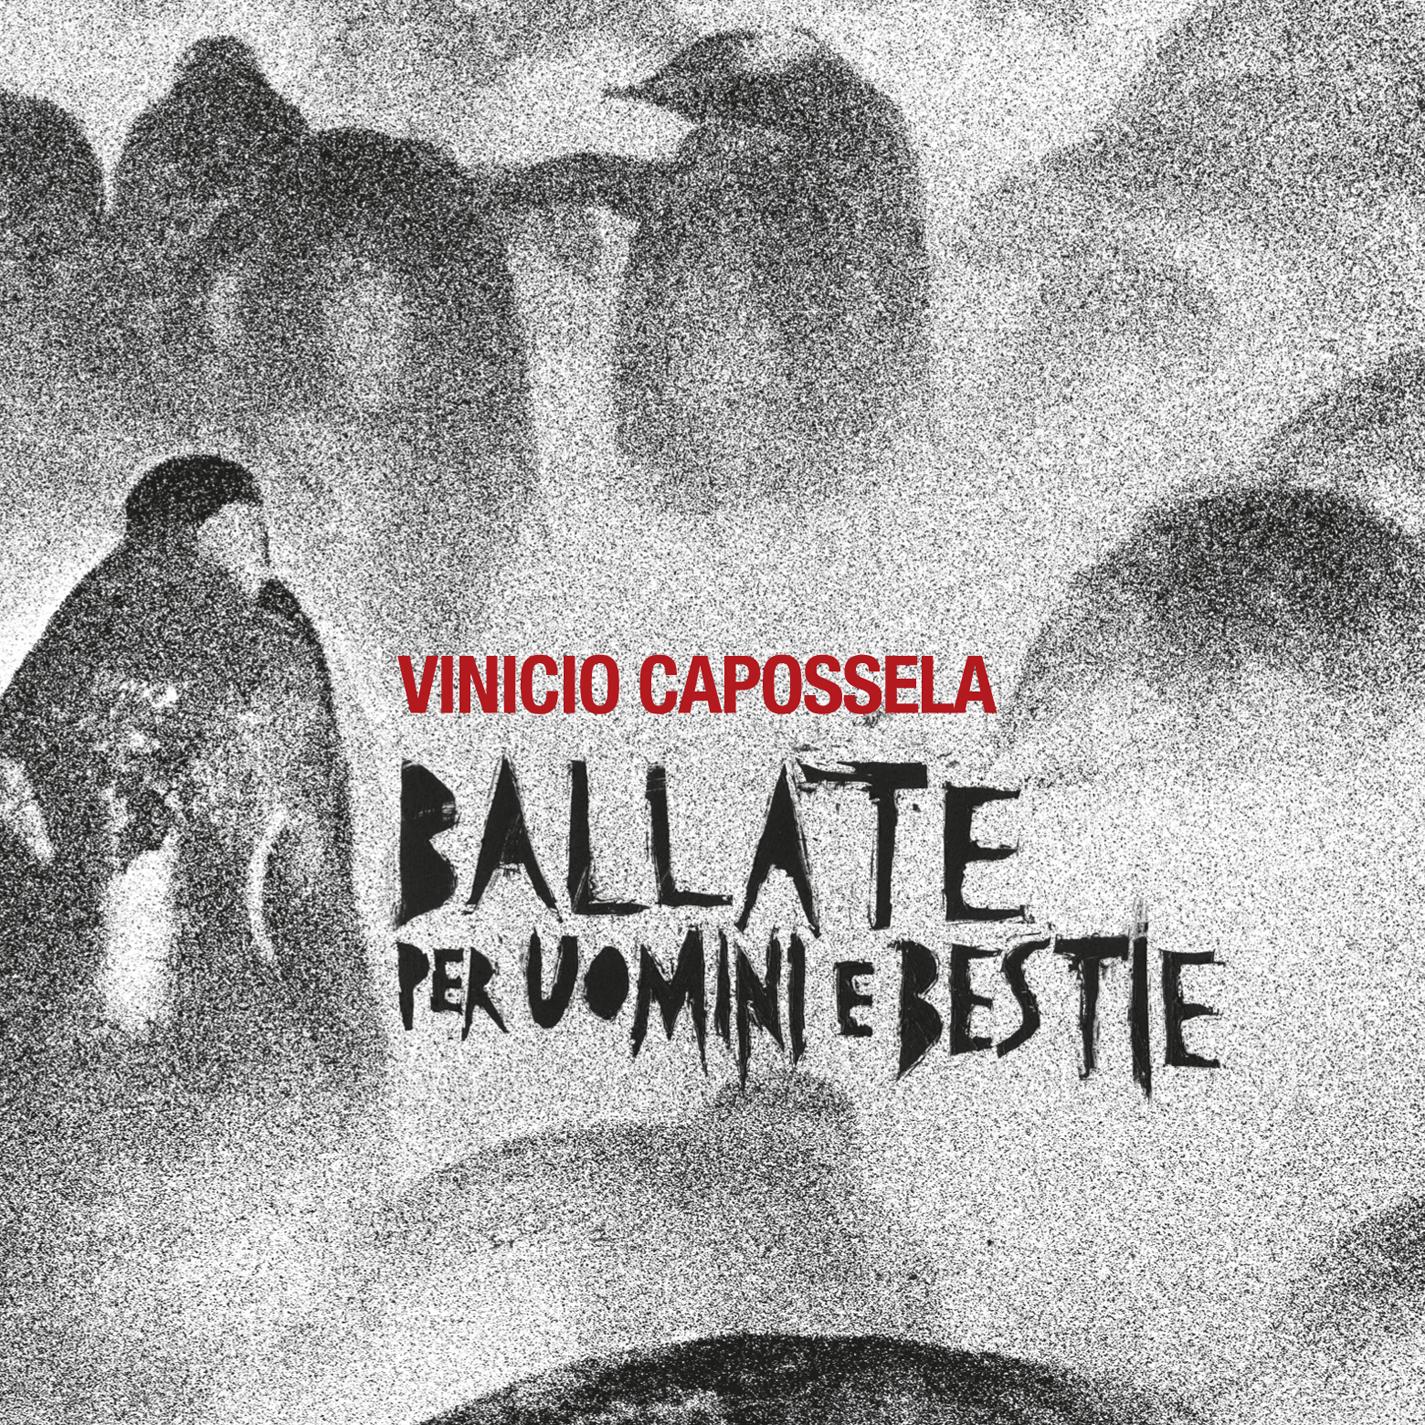 Ballate per uomini e bestie - Vinicio Capossela